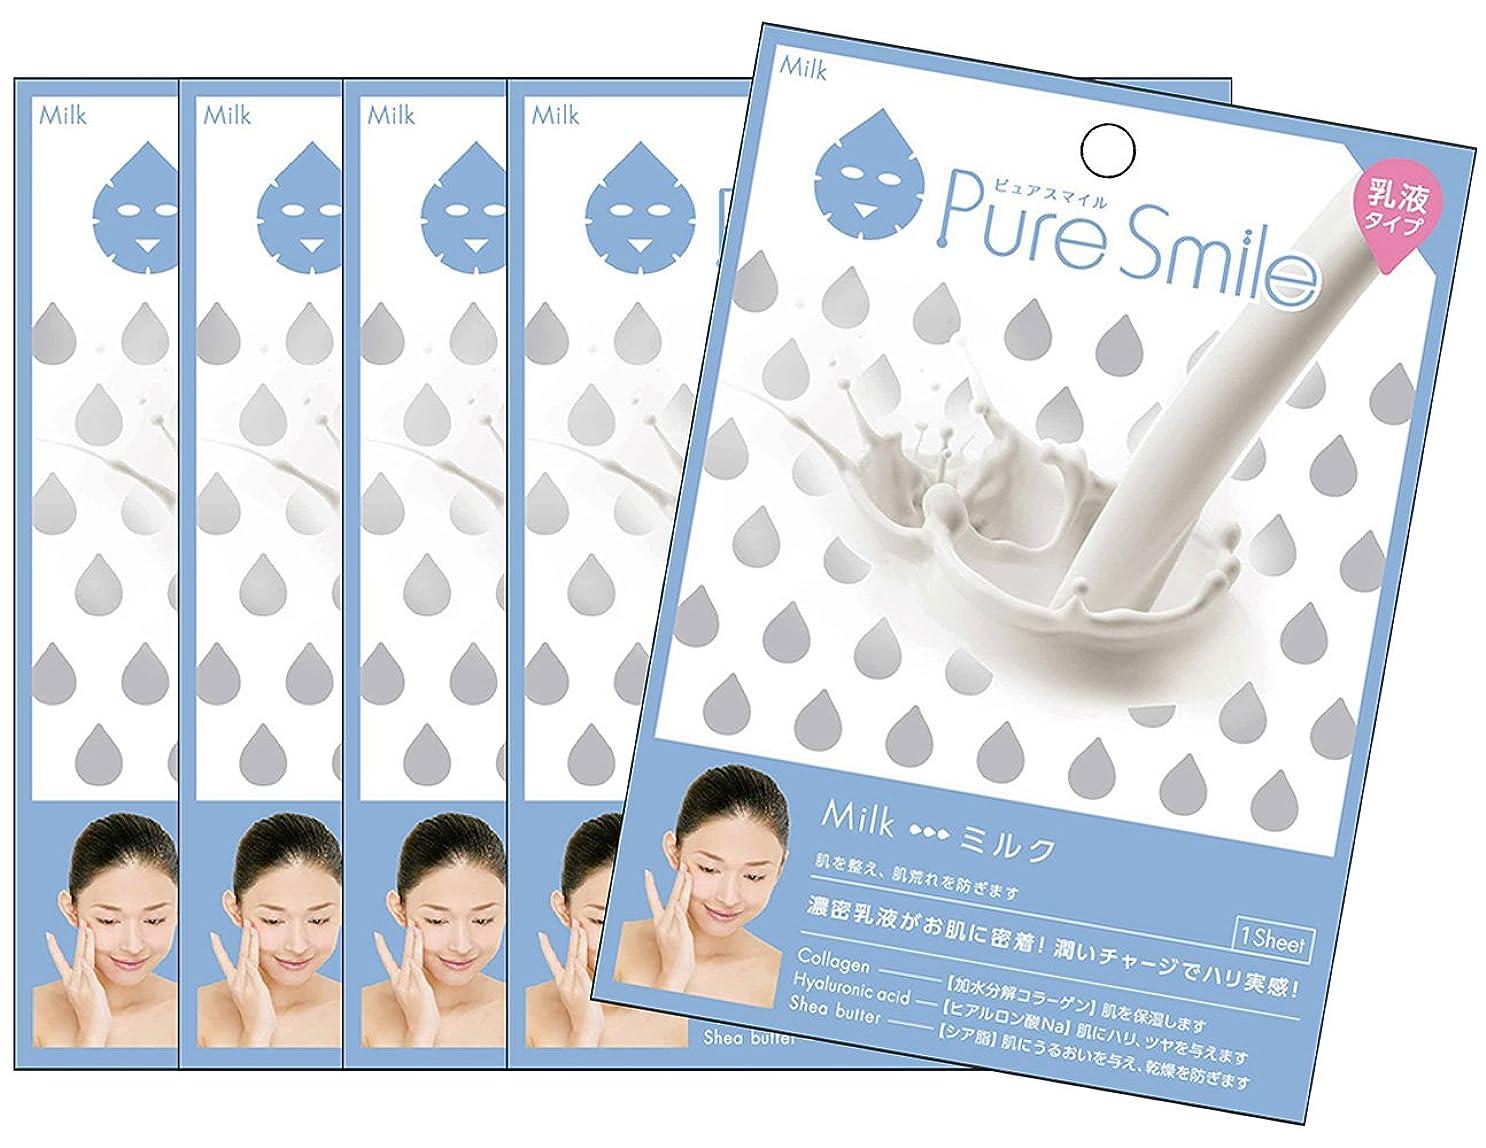 ピュアスマイル 『乳液エッセンスマスク ミルク』5枚セット